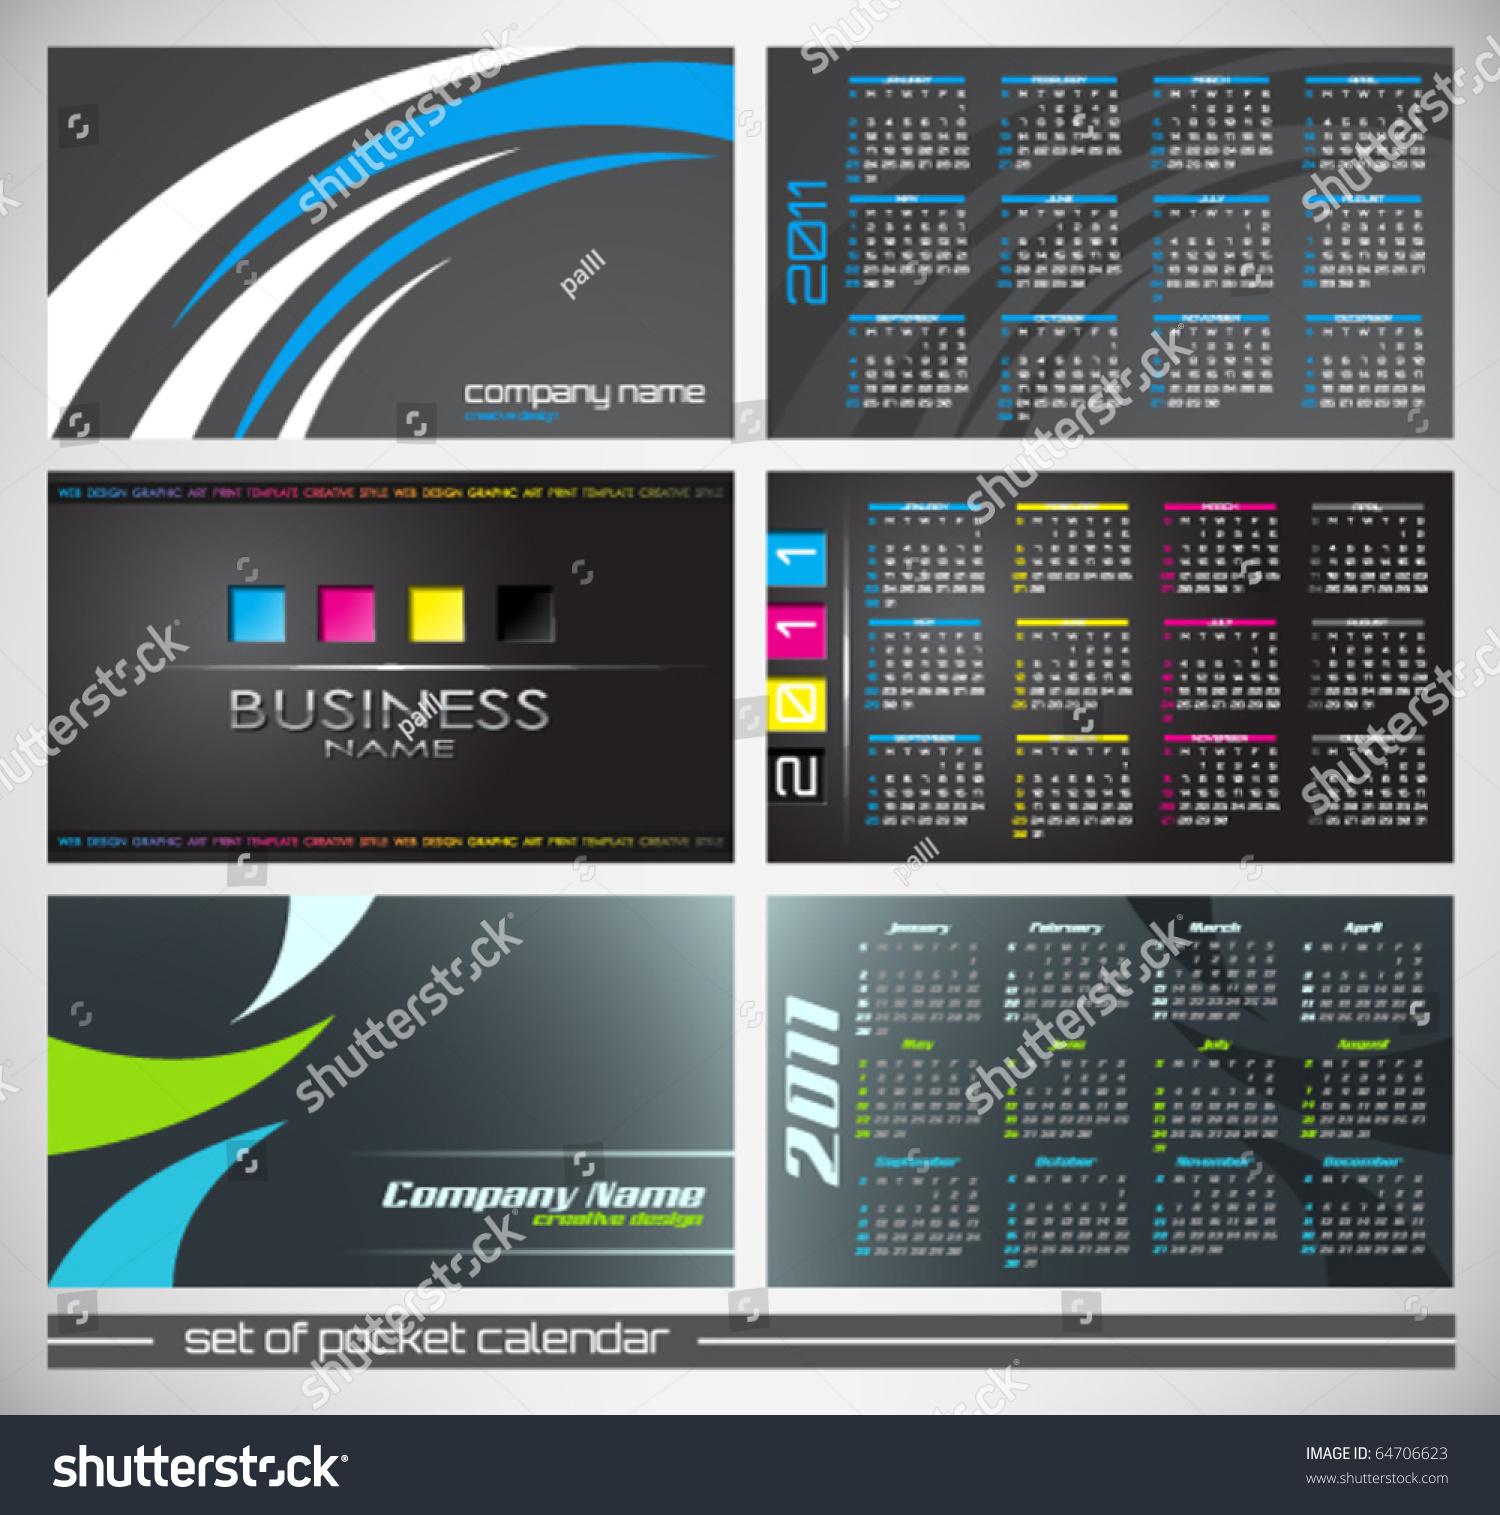 Vector Abstract Pocket Calendar Design Template Stock Vector ...